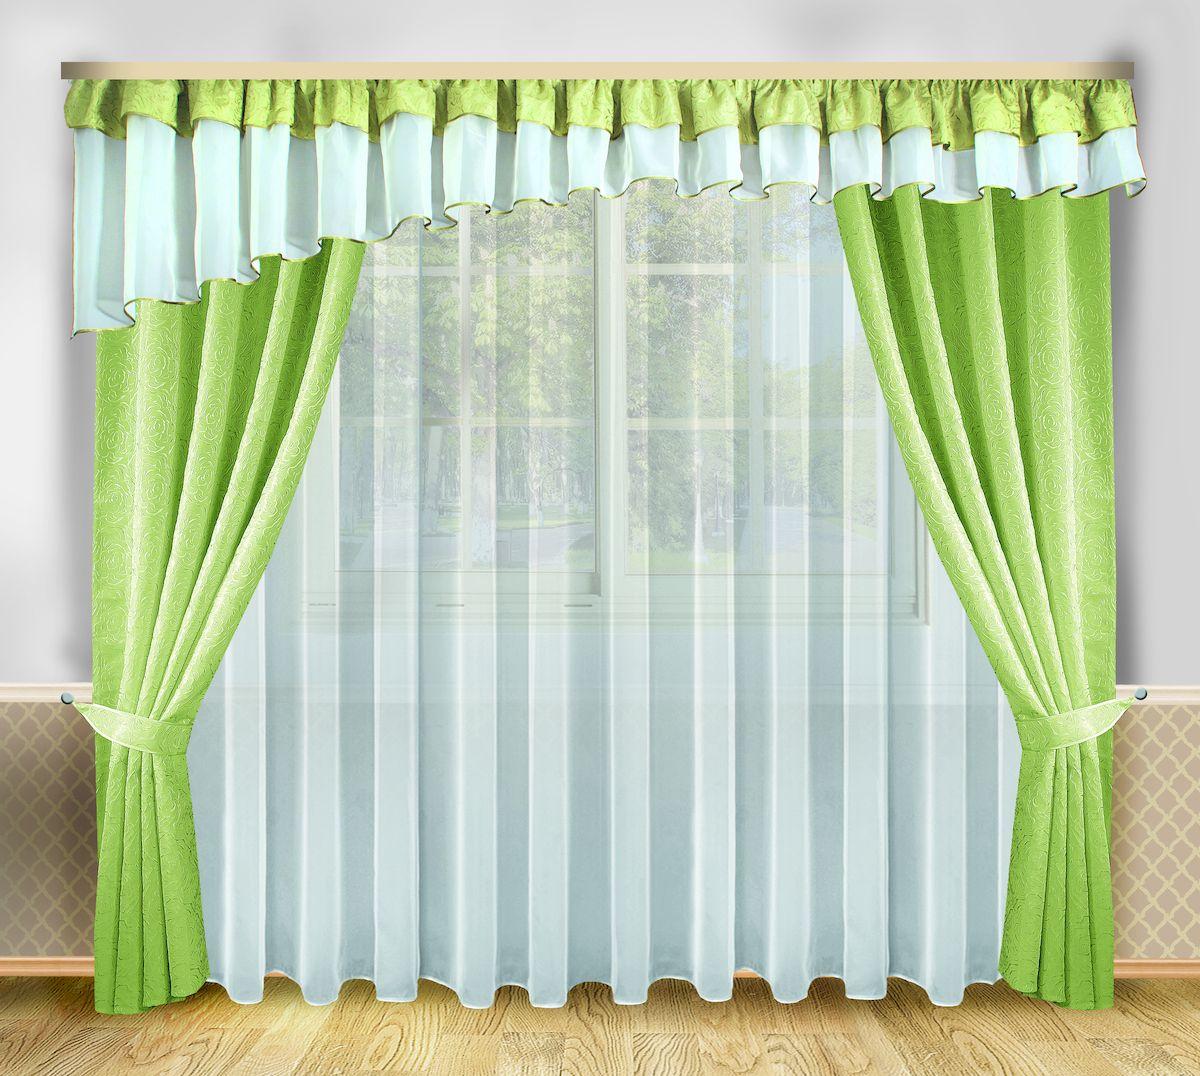 Комплект штор Zlata Korunka, на ленте, цвет: зеленый, белый, высота 250 см. 6665439111333115Роскошный комплект штор Zlata Korunka, выполненный из полиэстера, великолепно украсит любое окно. Комплект состоит из тюля, ламбрекена, двух штор и двух подхватов. Изящный узор и приятная цветовая гамма привлекут к себе внимание и органично впишутся в интерьер помещения. Этот комплект будет долгое время радовать вас и вашу семью!Комплект крепится на карниз при помощи ленты, которая поможет красиво и равномерно задрапировать верх.В комплект входит: Тюль: 1 шт. Размер (Ш х В): 400 см х 250 см. Ламбрекен: 1 шт. Размер (Ш х В): 560 см х 70 см. Штора: 2 шт. Размер (Ш х В): 138 см х 250 см.Подхват: 2 шт.